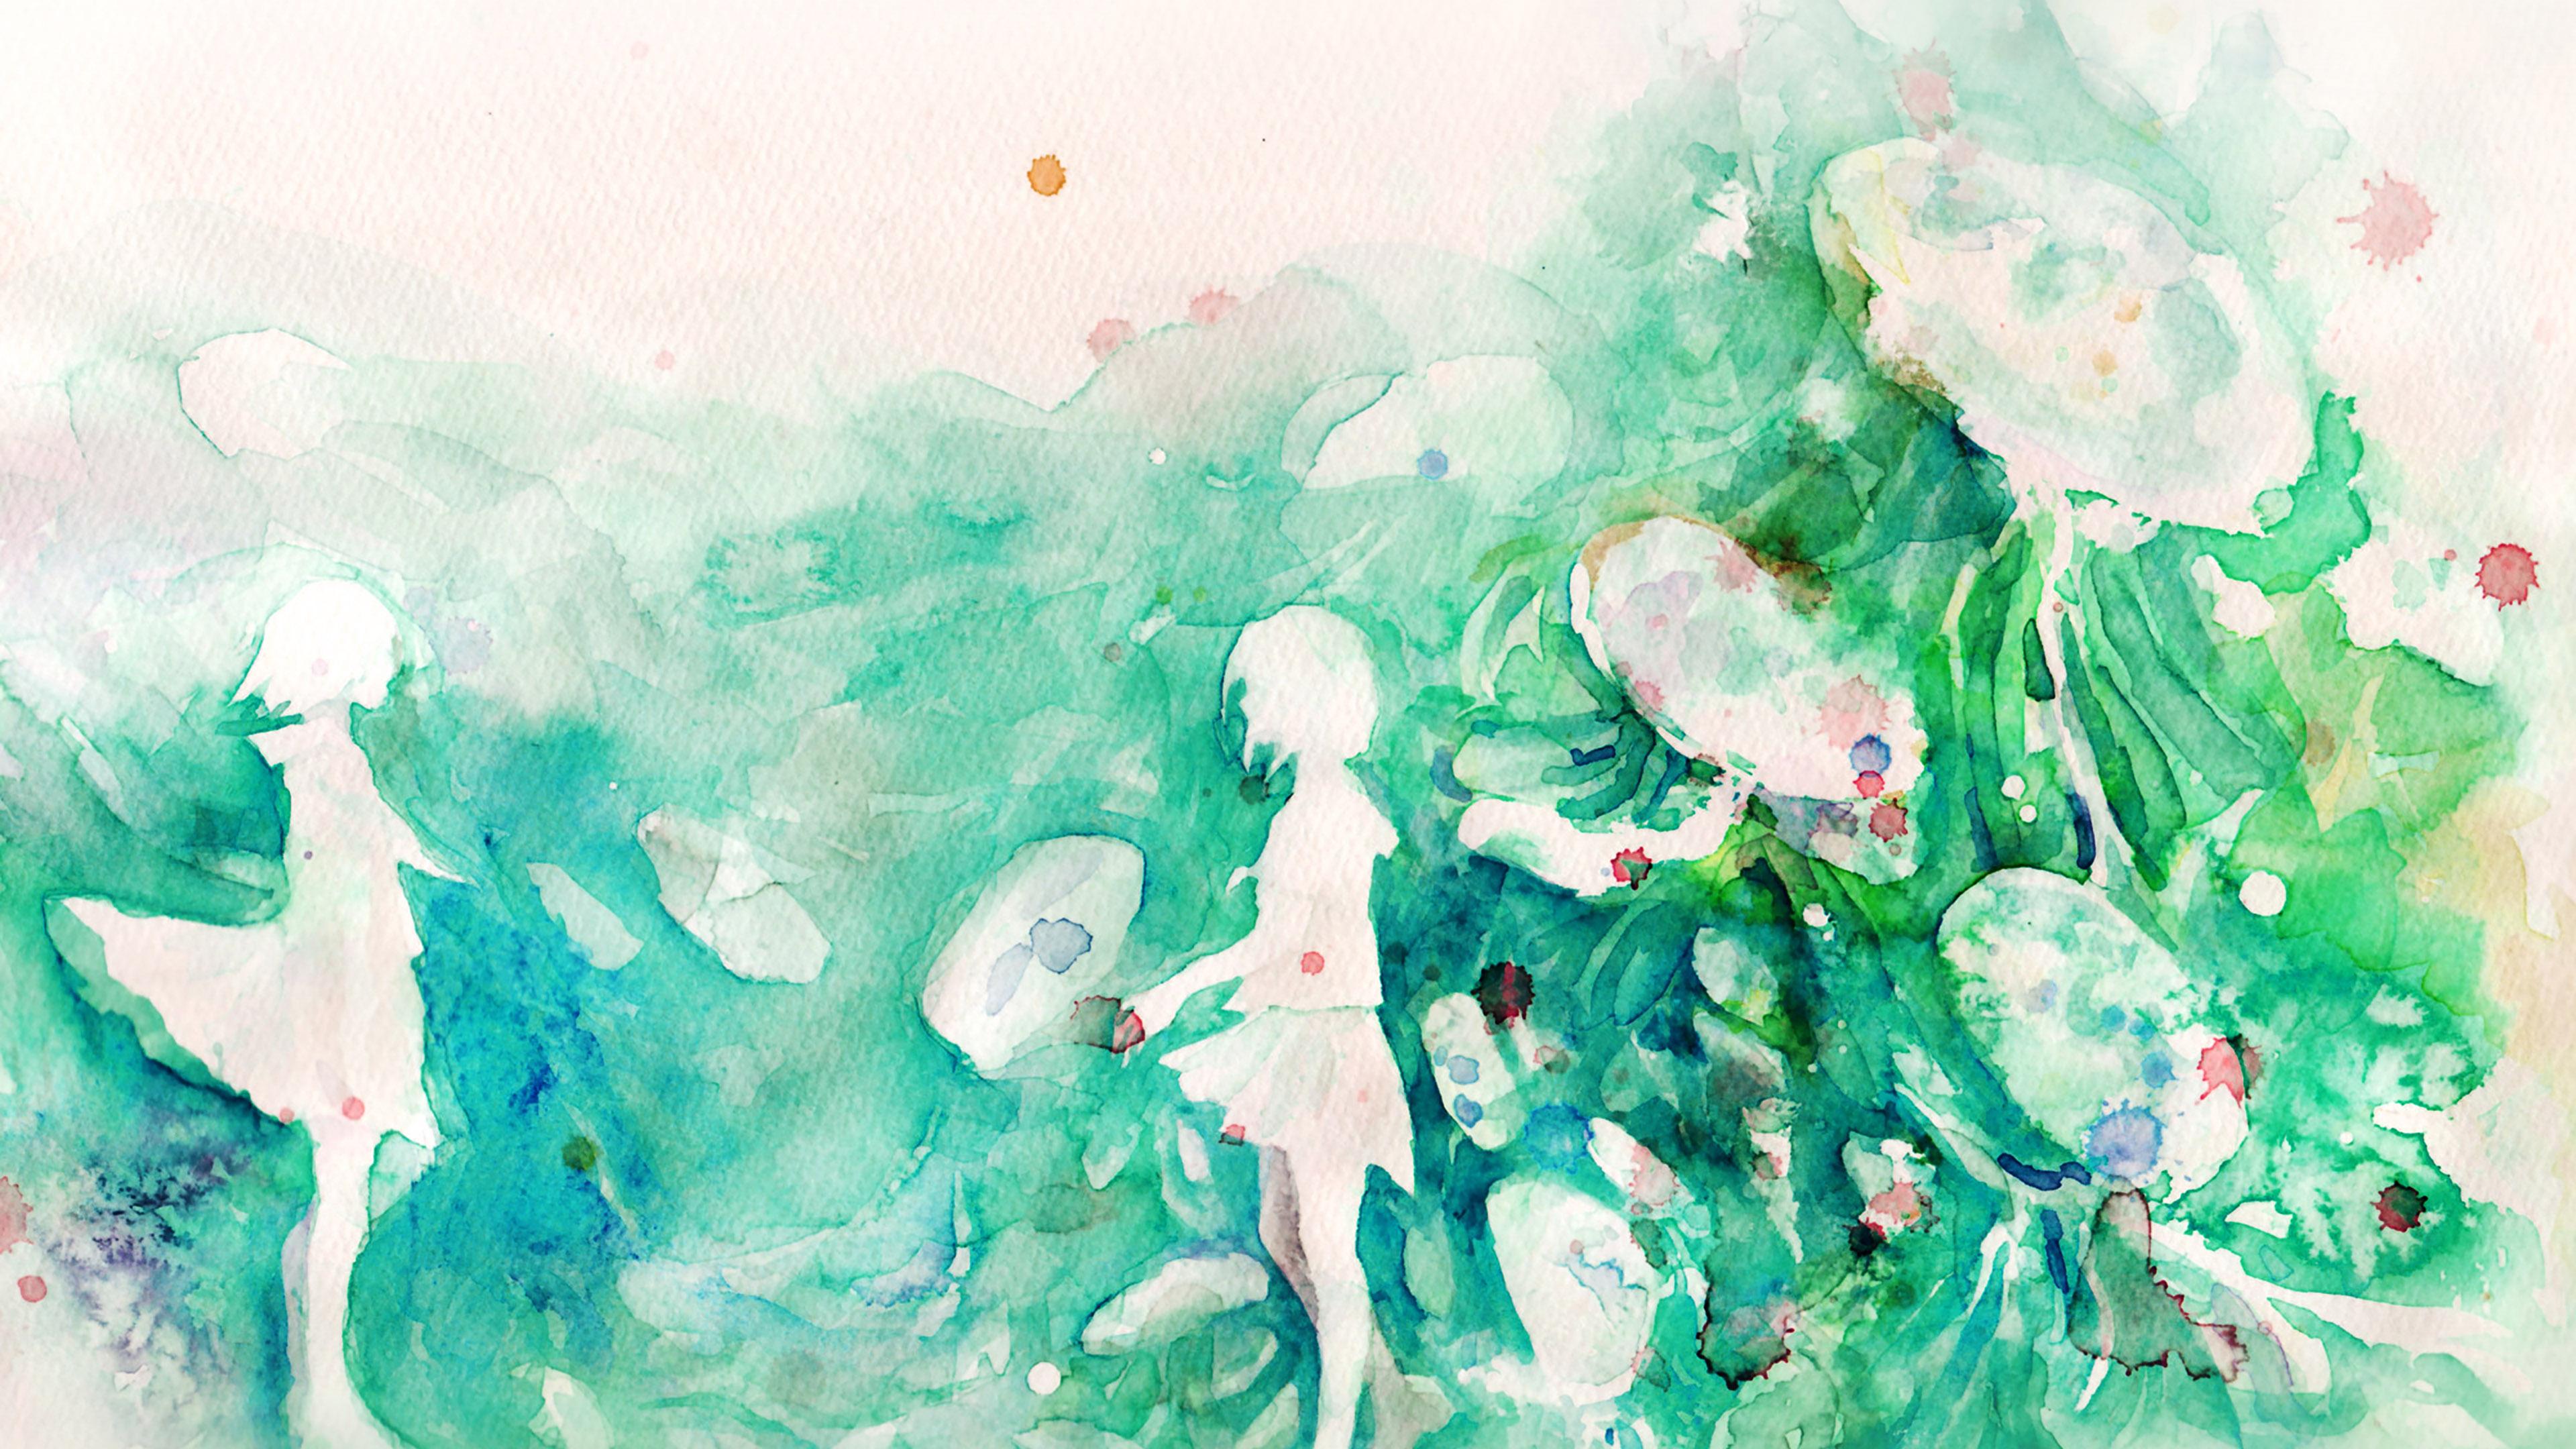 Fall Flower Computer Wallpaper Ai07 Watercolor Green Girl Nature Art Illust Wallpaper